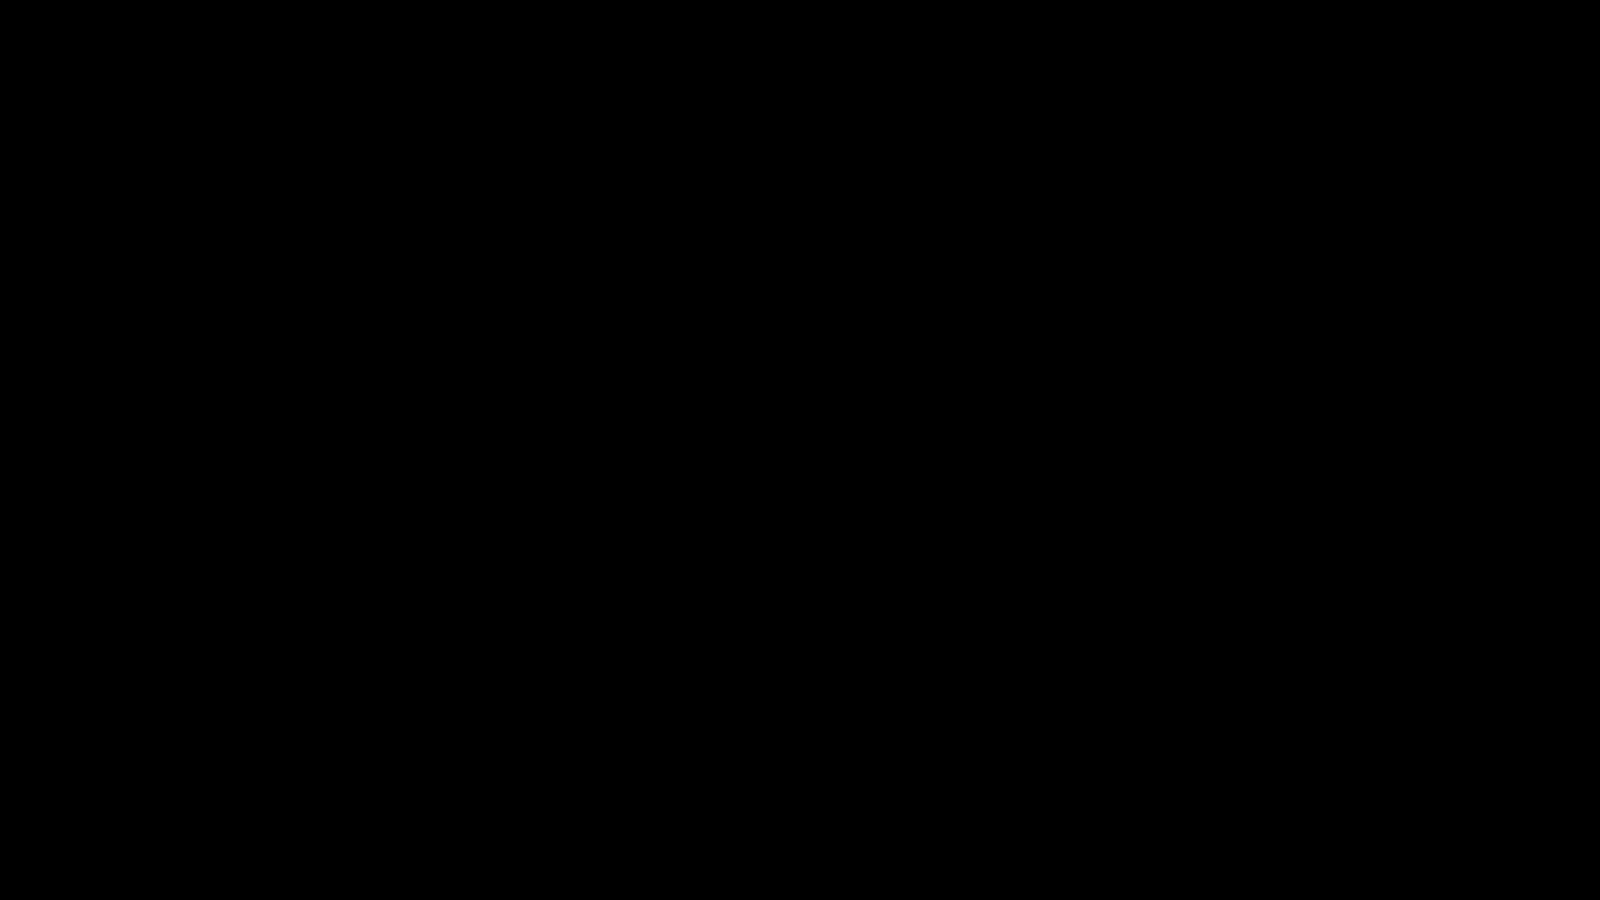 original Silhueta invertida - Cavalo2